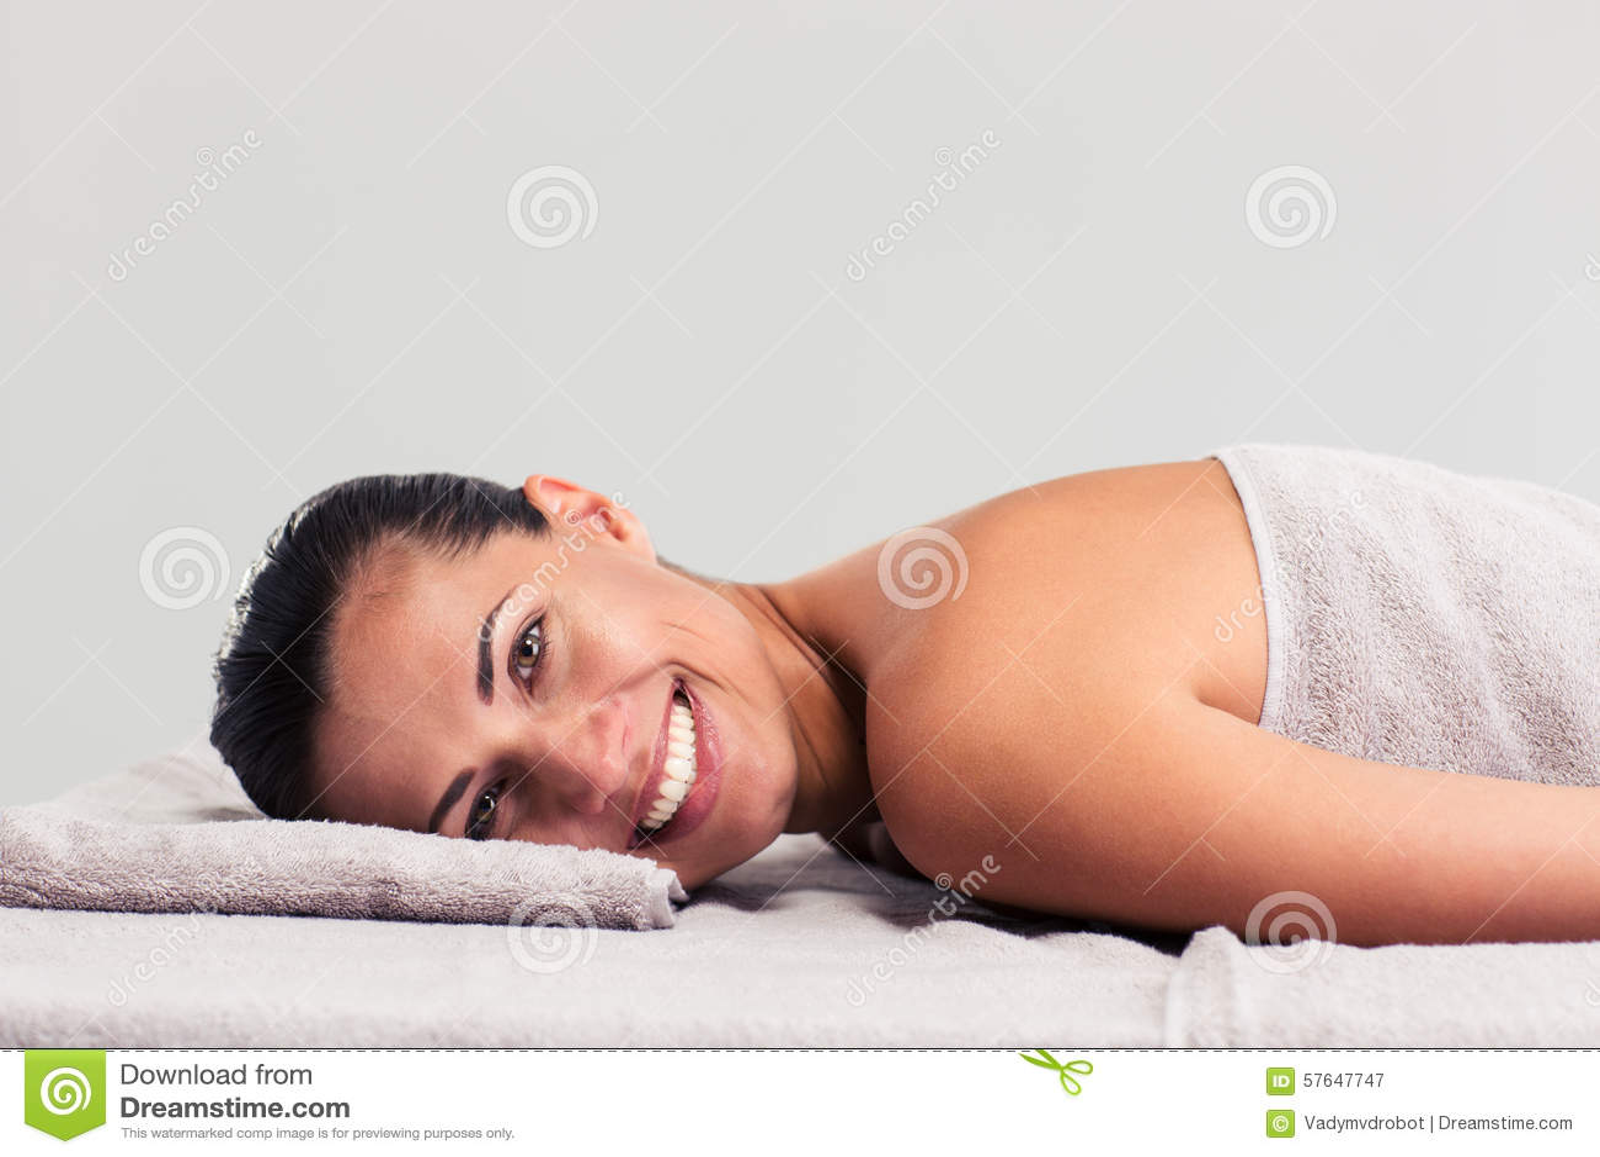 Χαλαρωμένη γυναίκα που βρίσκεται στον αργόσχολο μασάζ